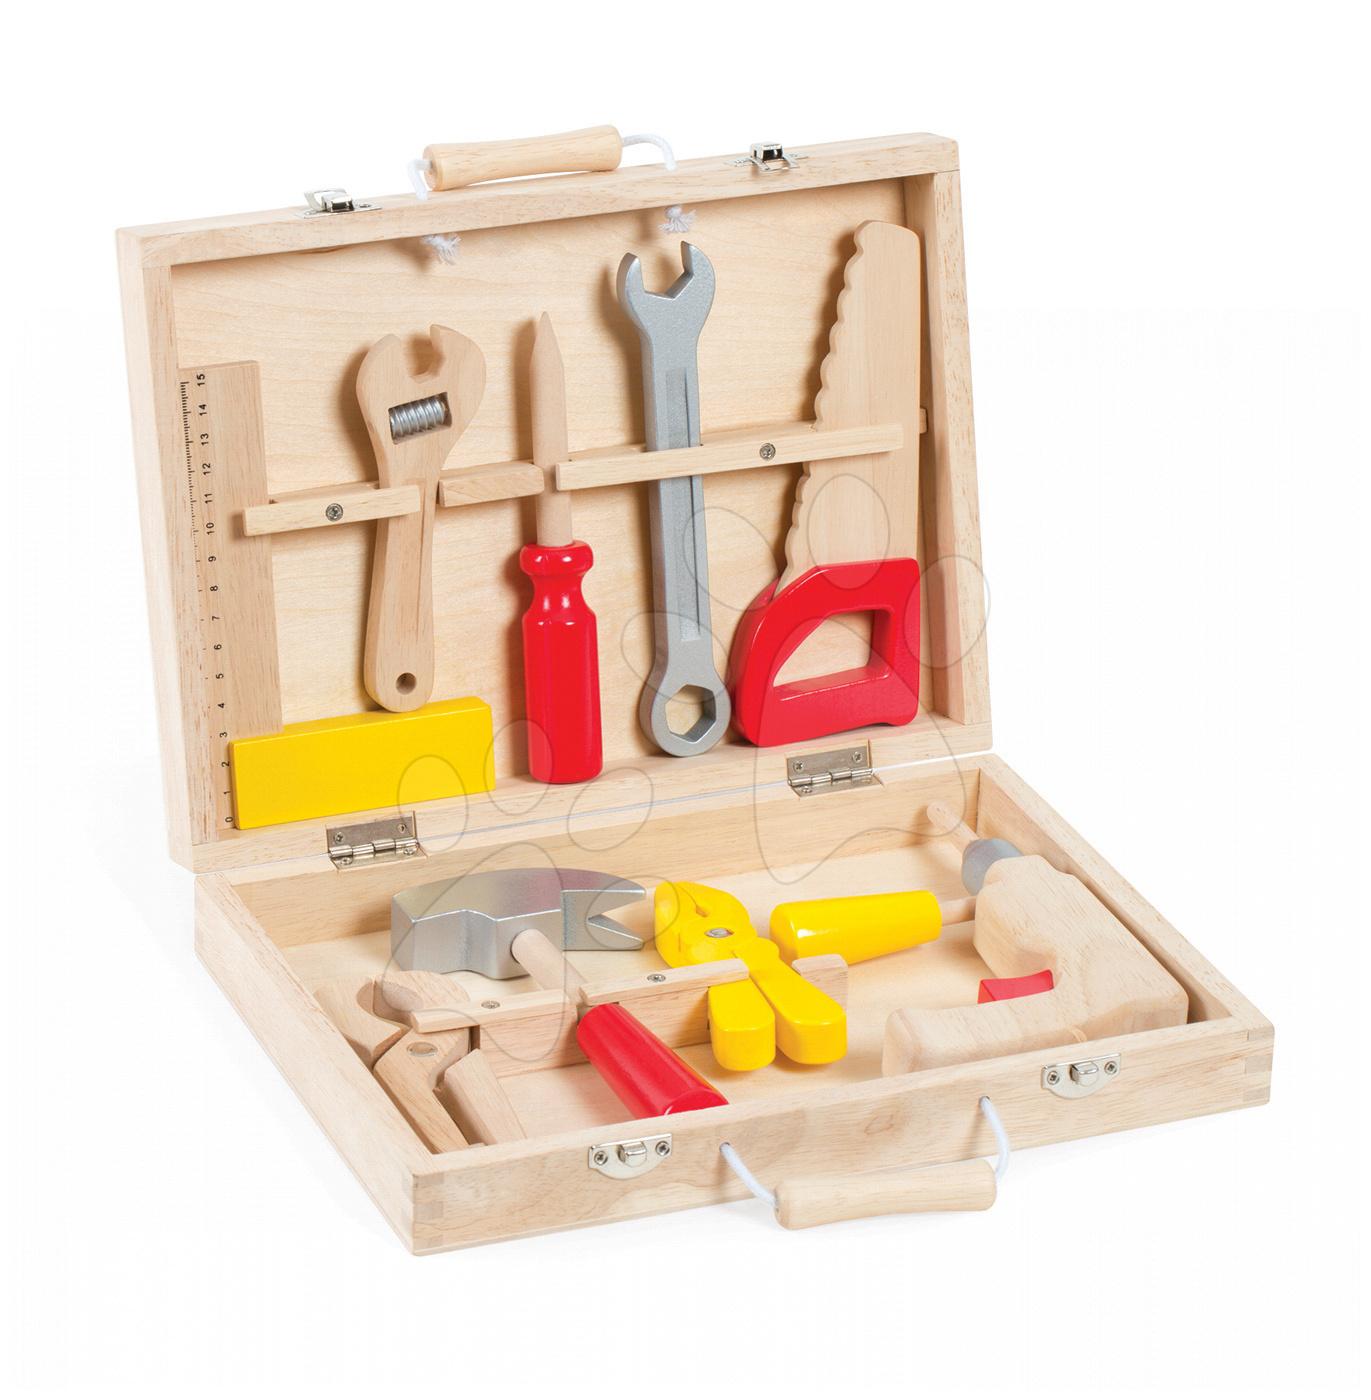 Pracovná detská dielňa - Drevený pracovný kufrík Redmaster Bricolo Janod s náradím 9 ks